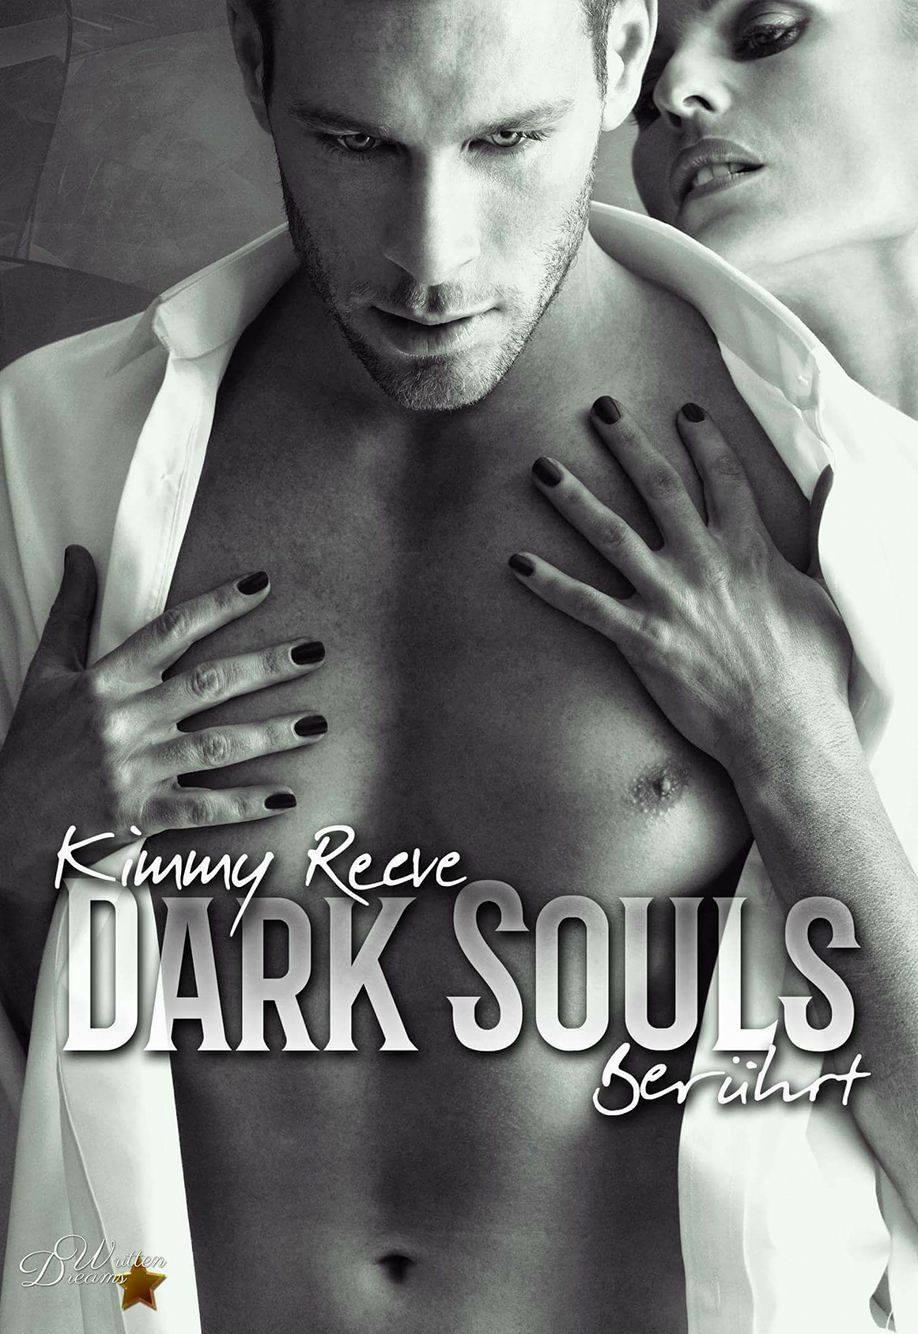 Dark Souls - Berührt